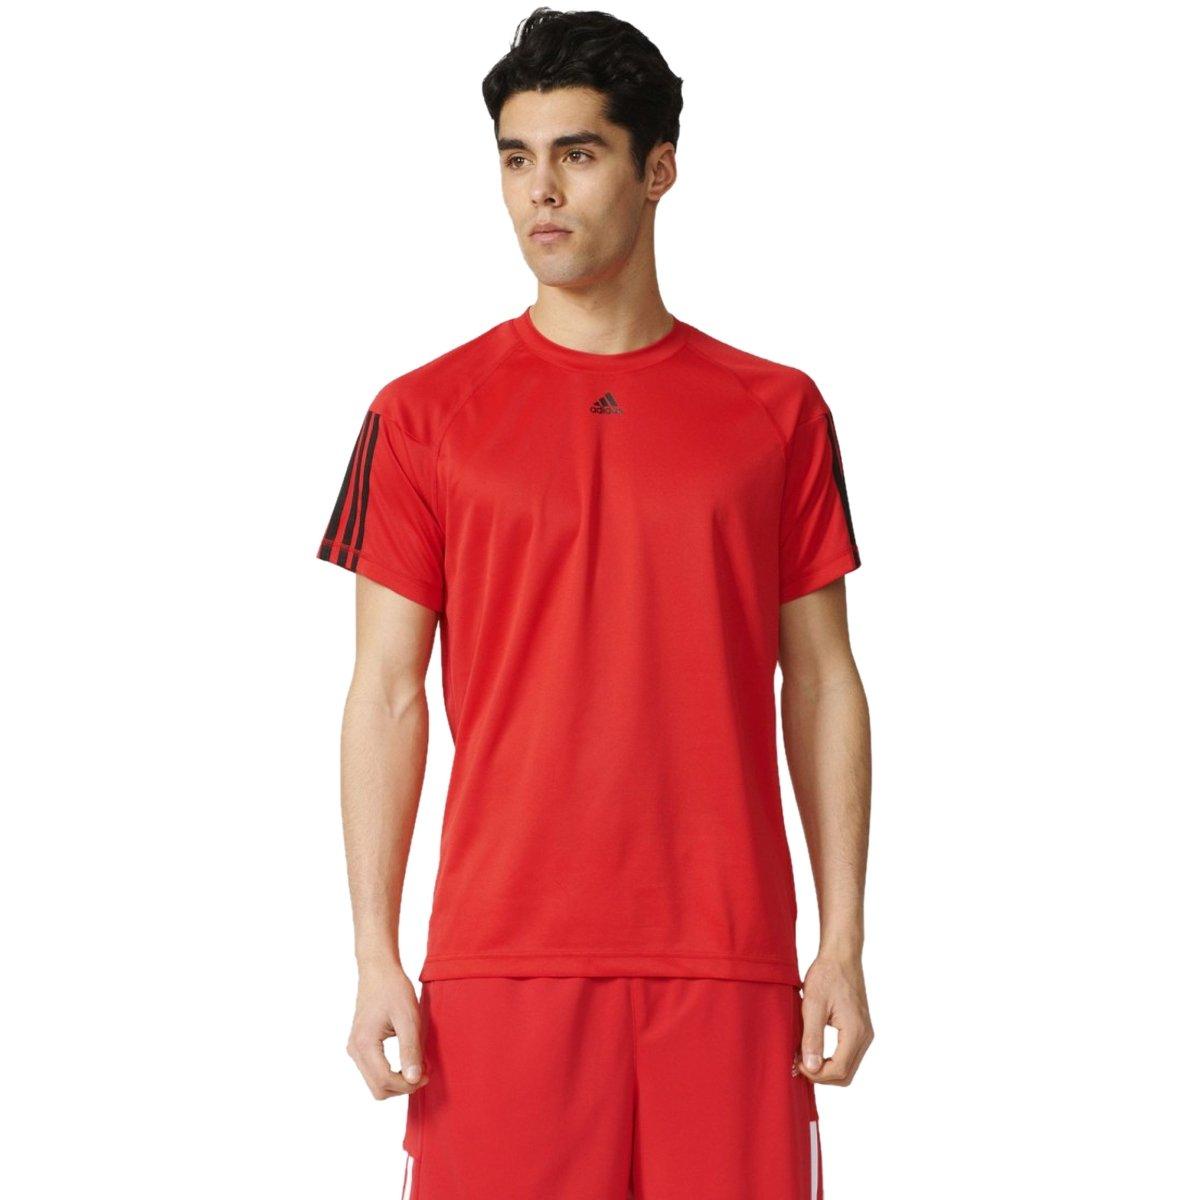 Bizz Store - Camiseta Masculina Adidas Base 3S Vermelho 3051de2c4142e